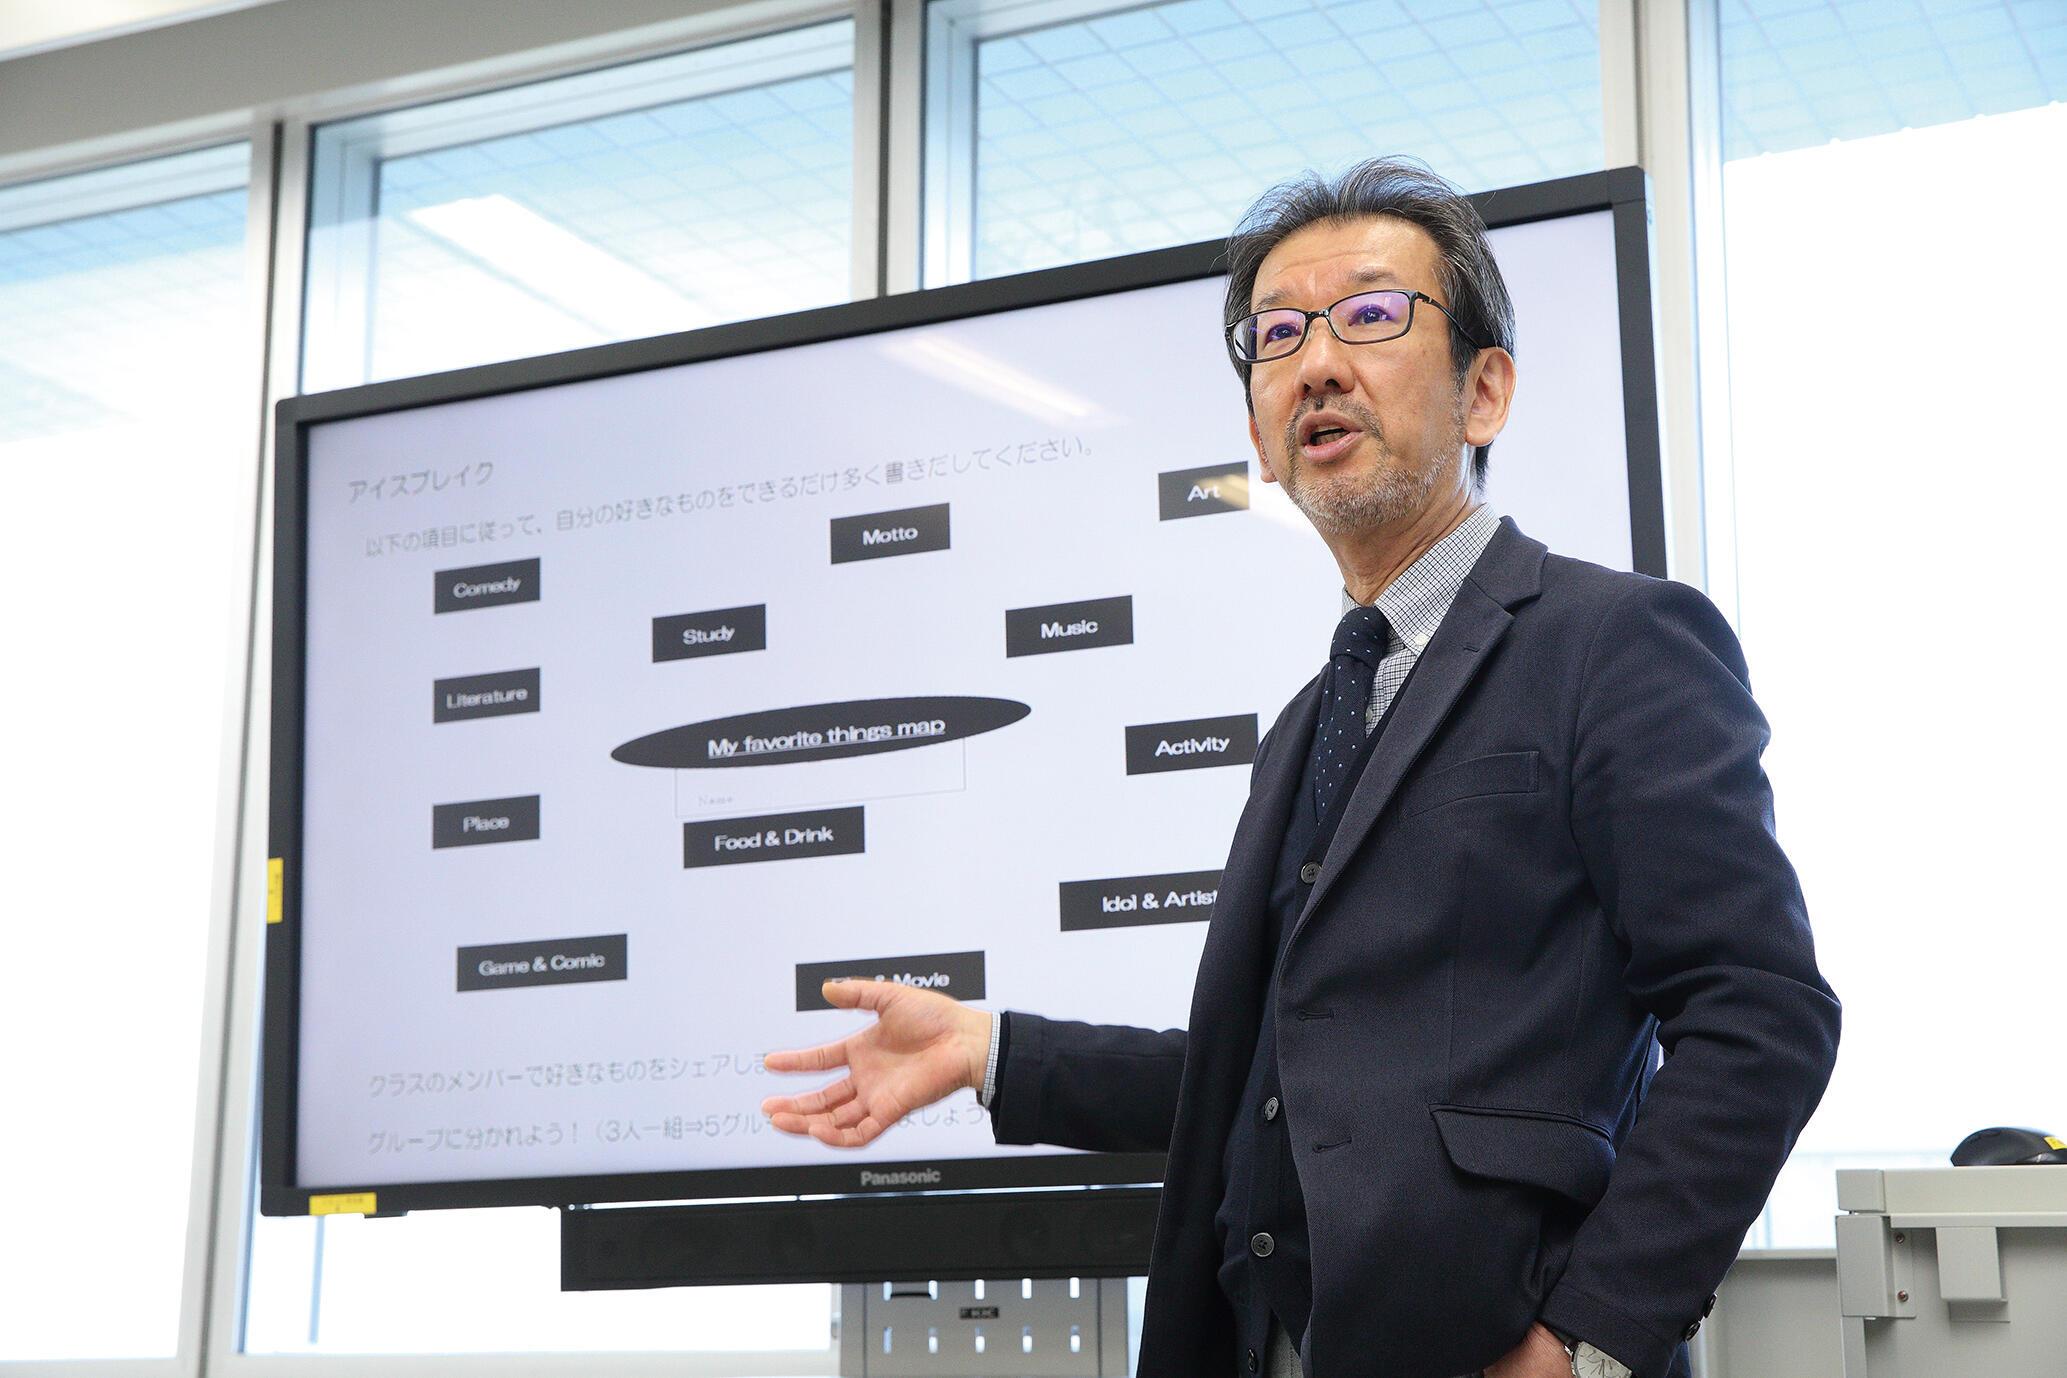 キャリアデザイン・ワークショップⅠ/新井一 央特命講師